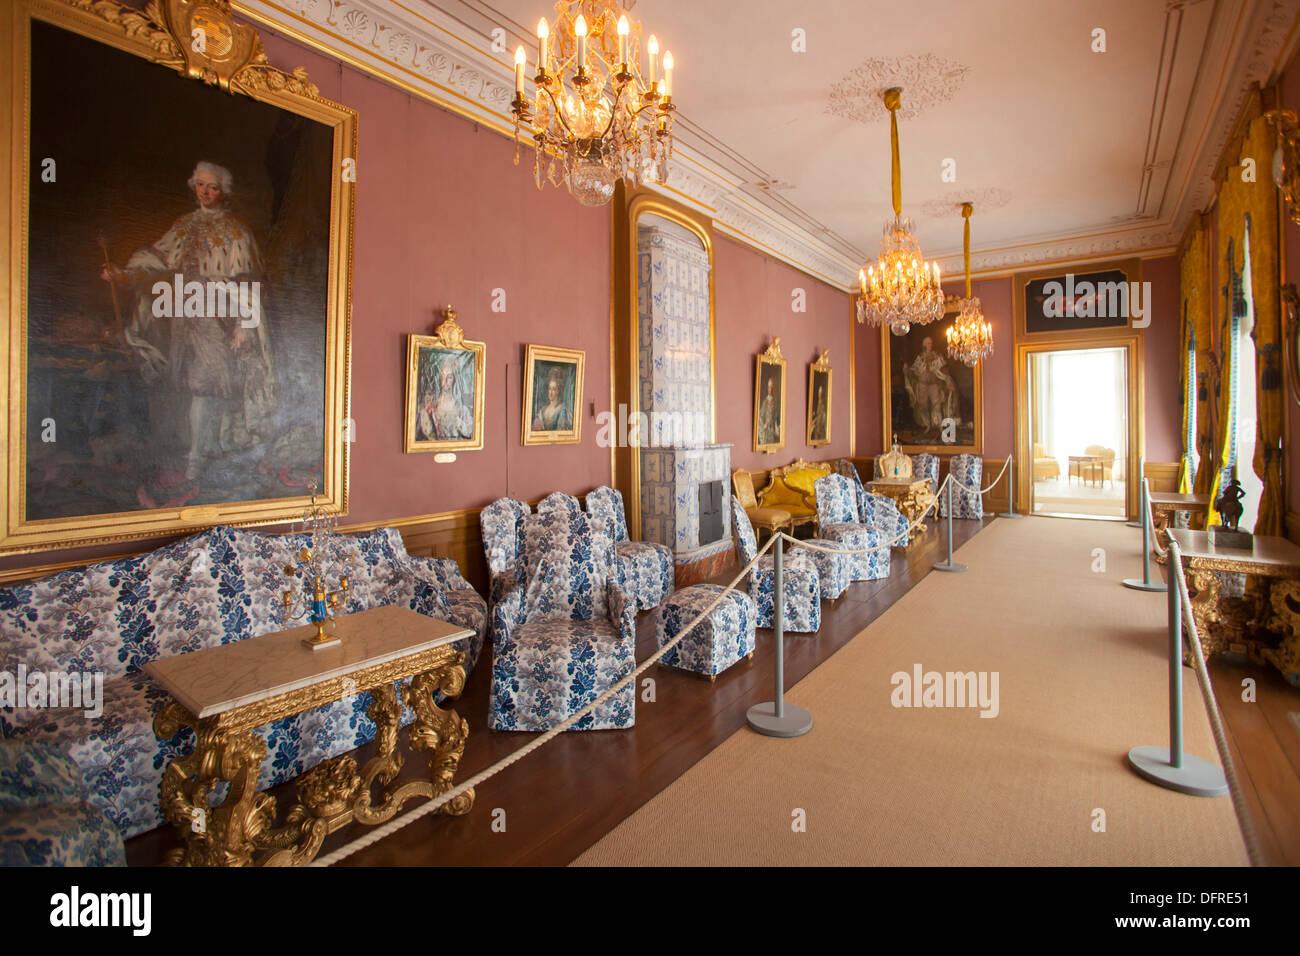 Znalezione obrazy dla zapytania gripsholm castle inside